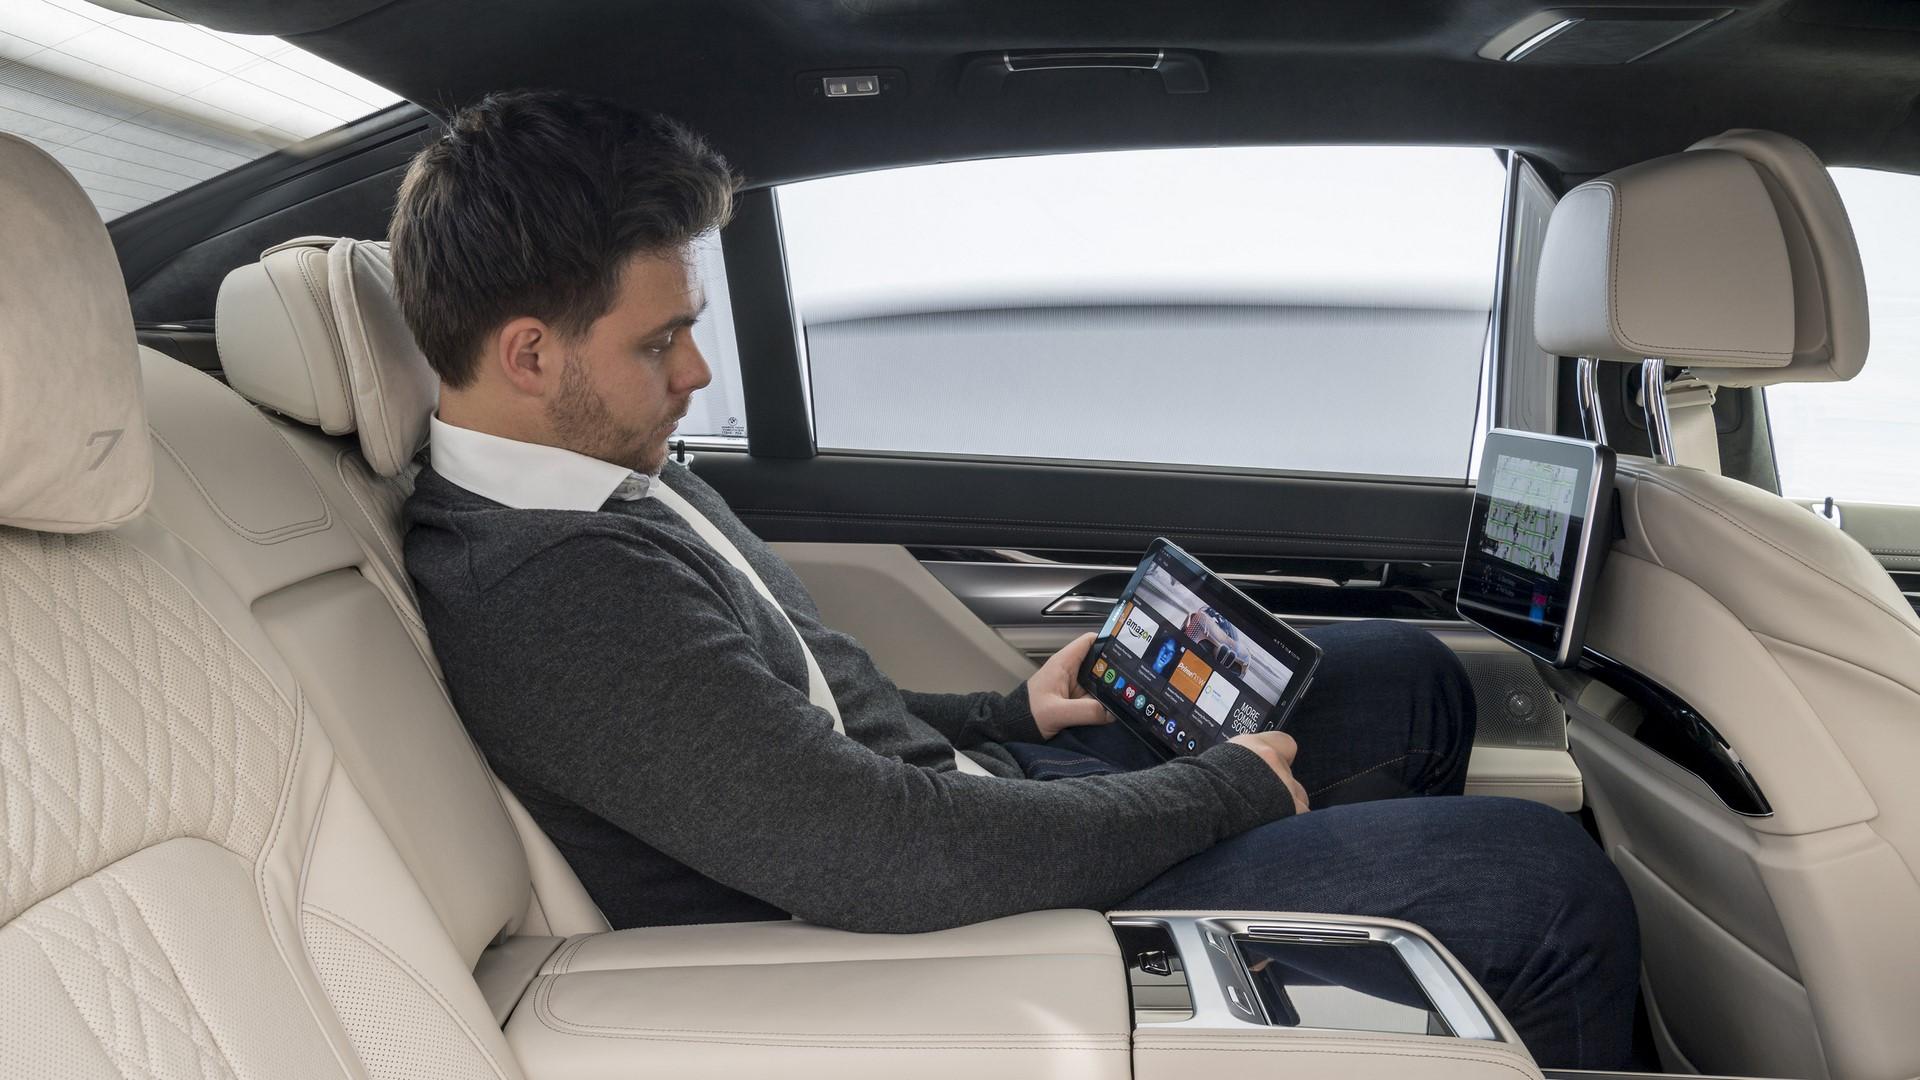 BMW 5 Series Autonomous Prototype (17)